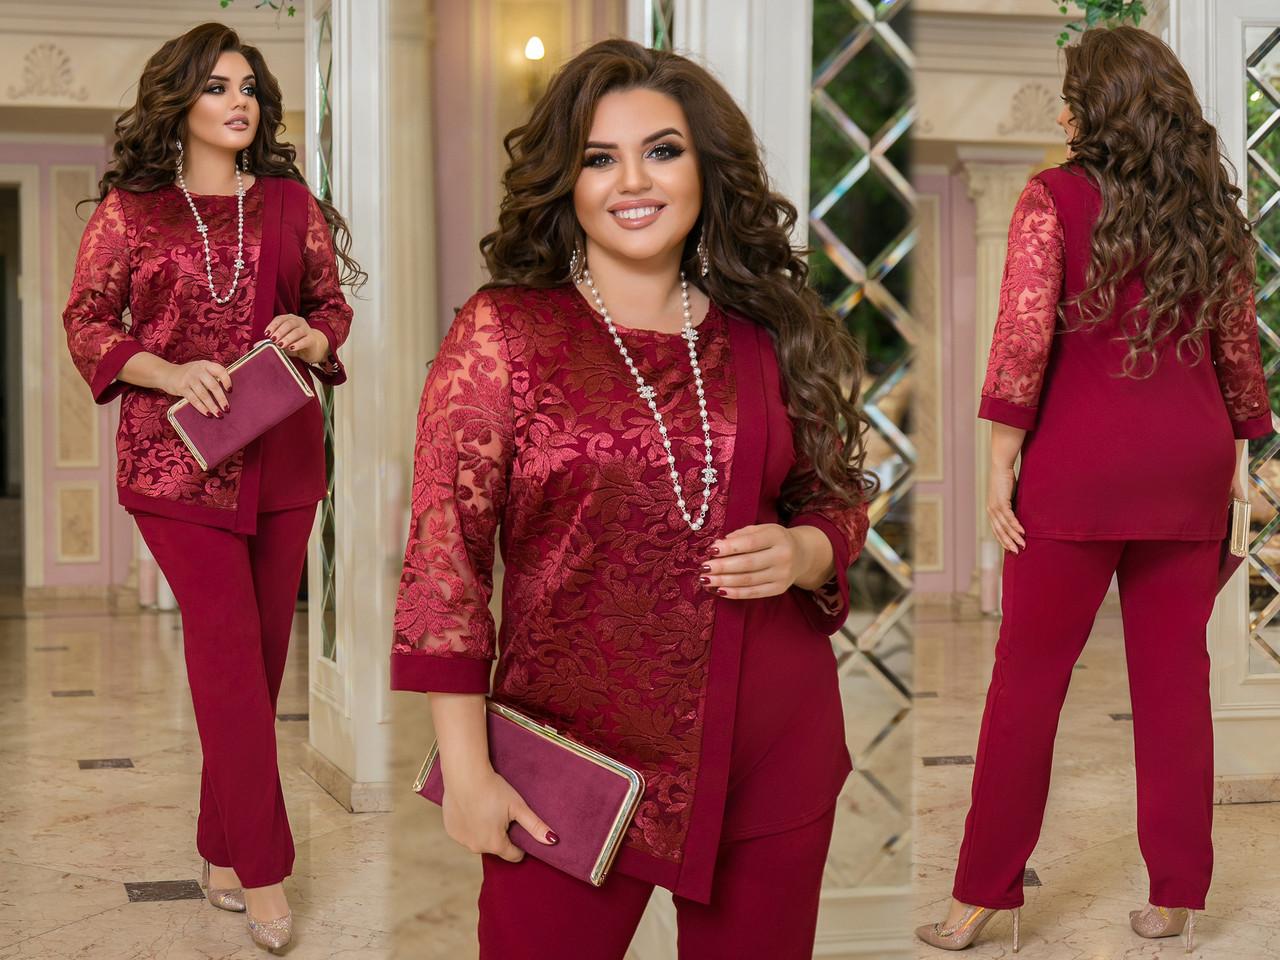 Гарний жіночий ошатний костюм: подовжена блуза з вишивкою і штани, батал великі розміри